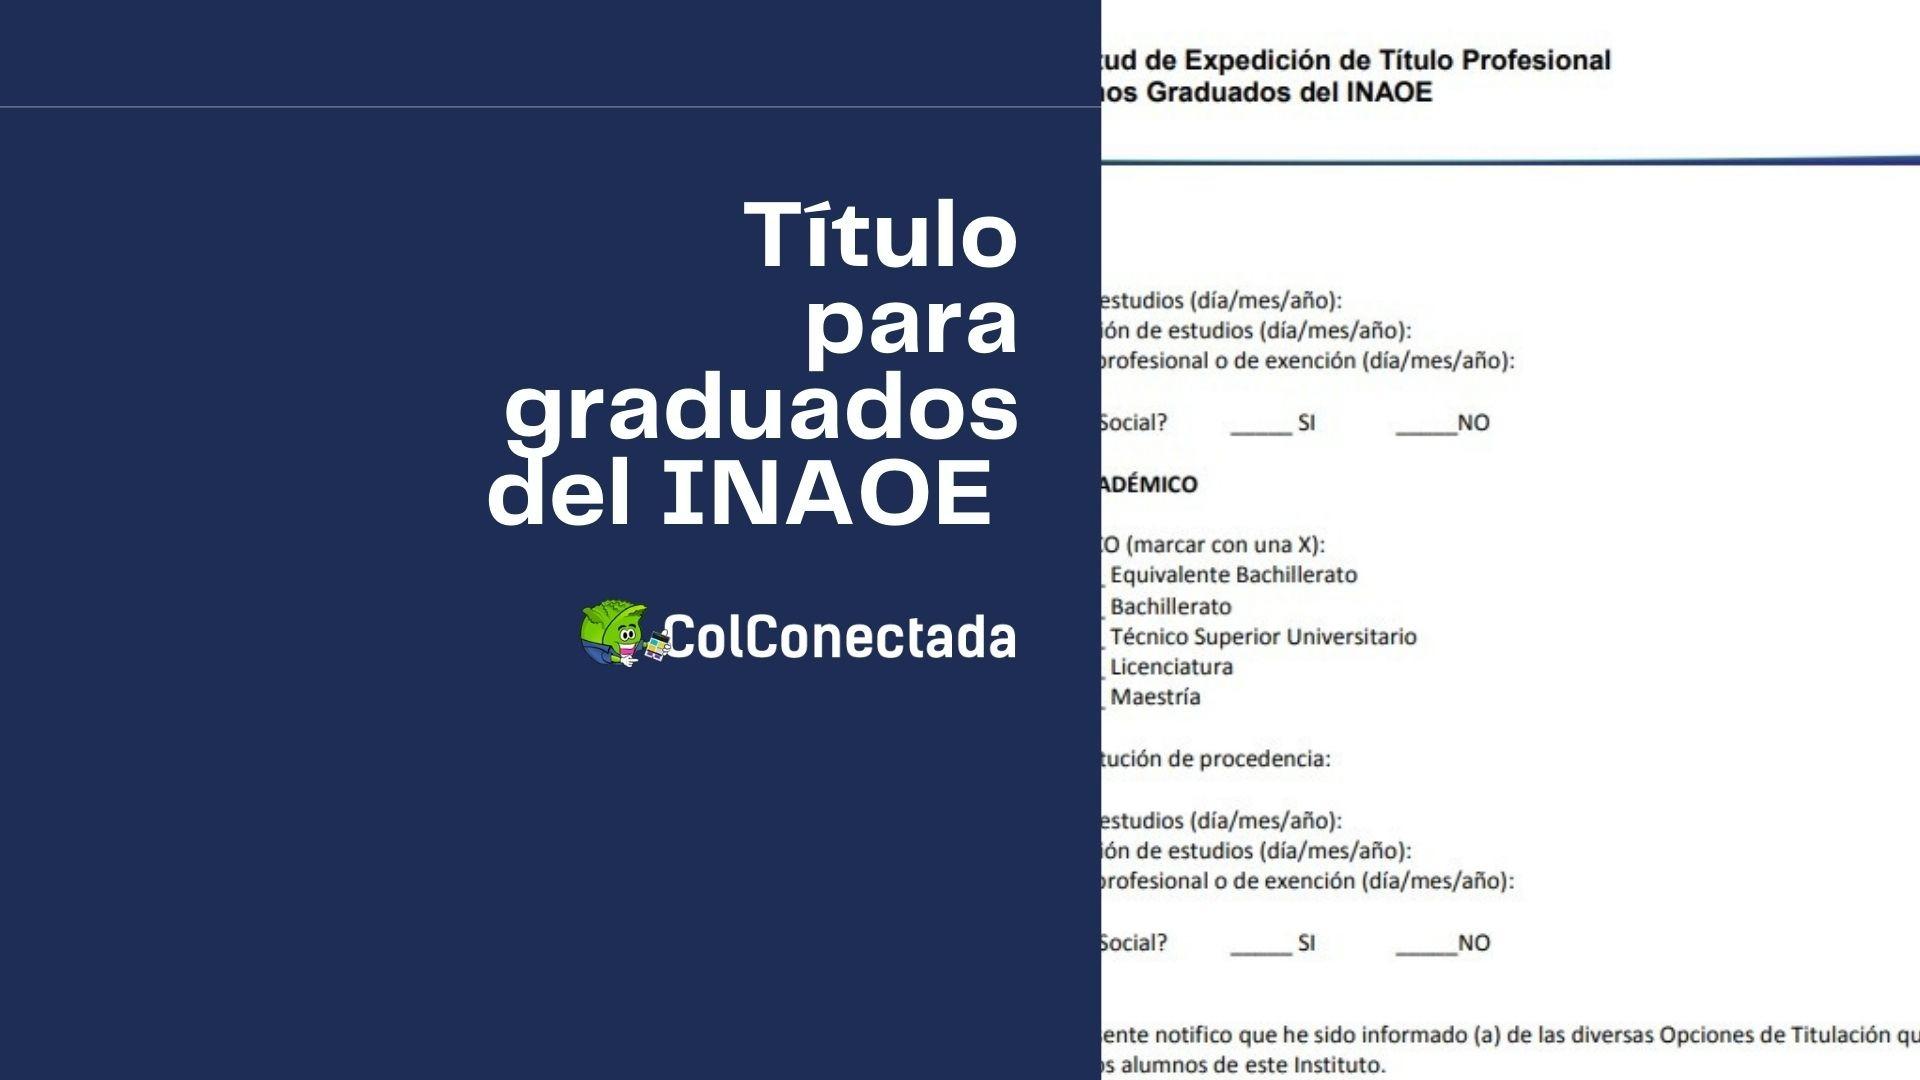 Obtener el título profesional para graduados del INAOE 4